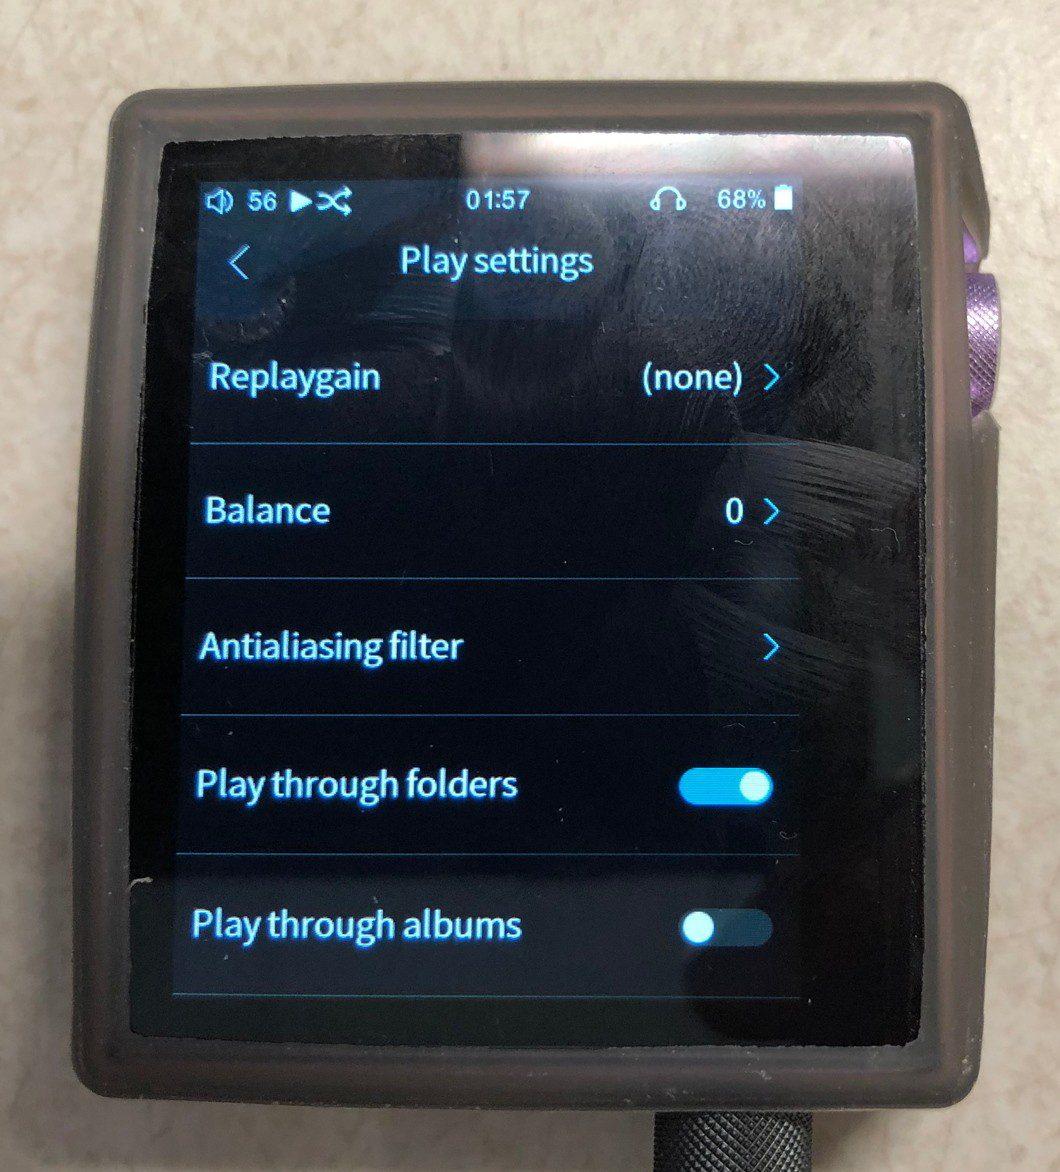 Hidizs_ap80_play_settings2.jpg